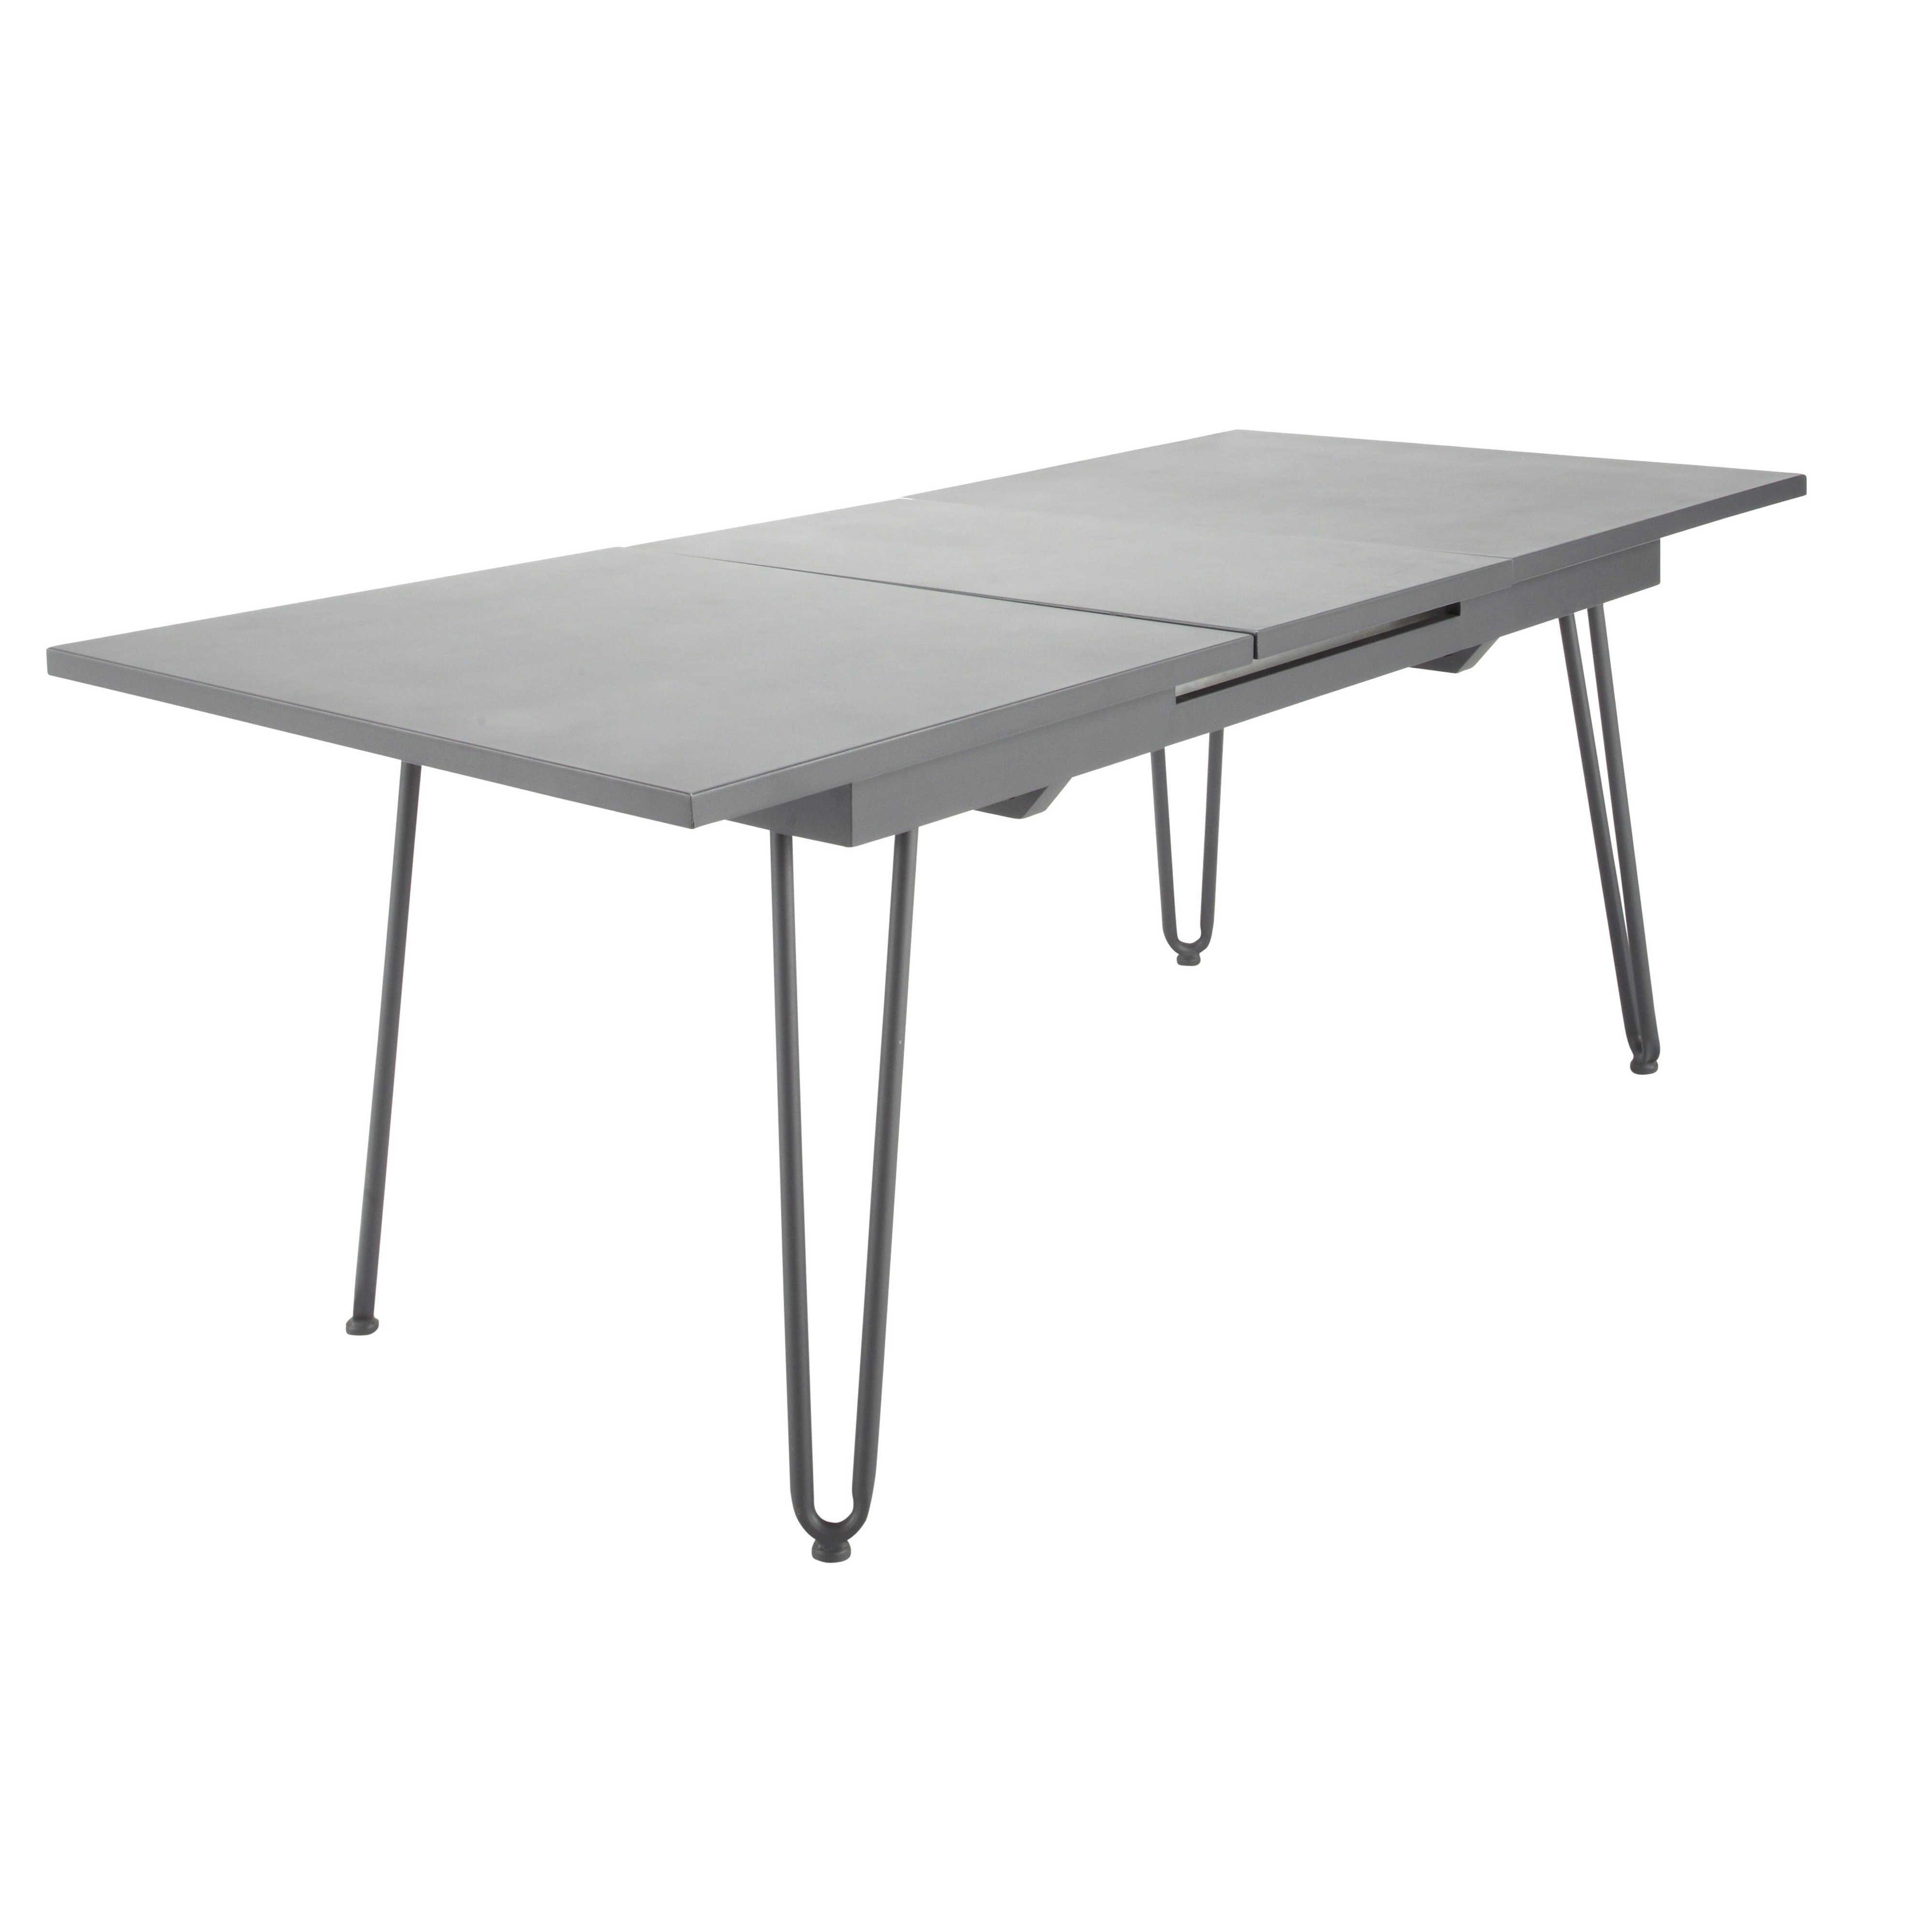 Maison du monde table de jardin rallonge en m tal gris ardoise l 150 cm swing terrasse - Table de jardin maison du monde dijon ...